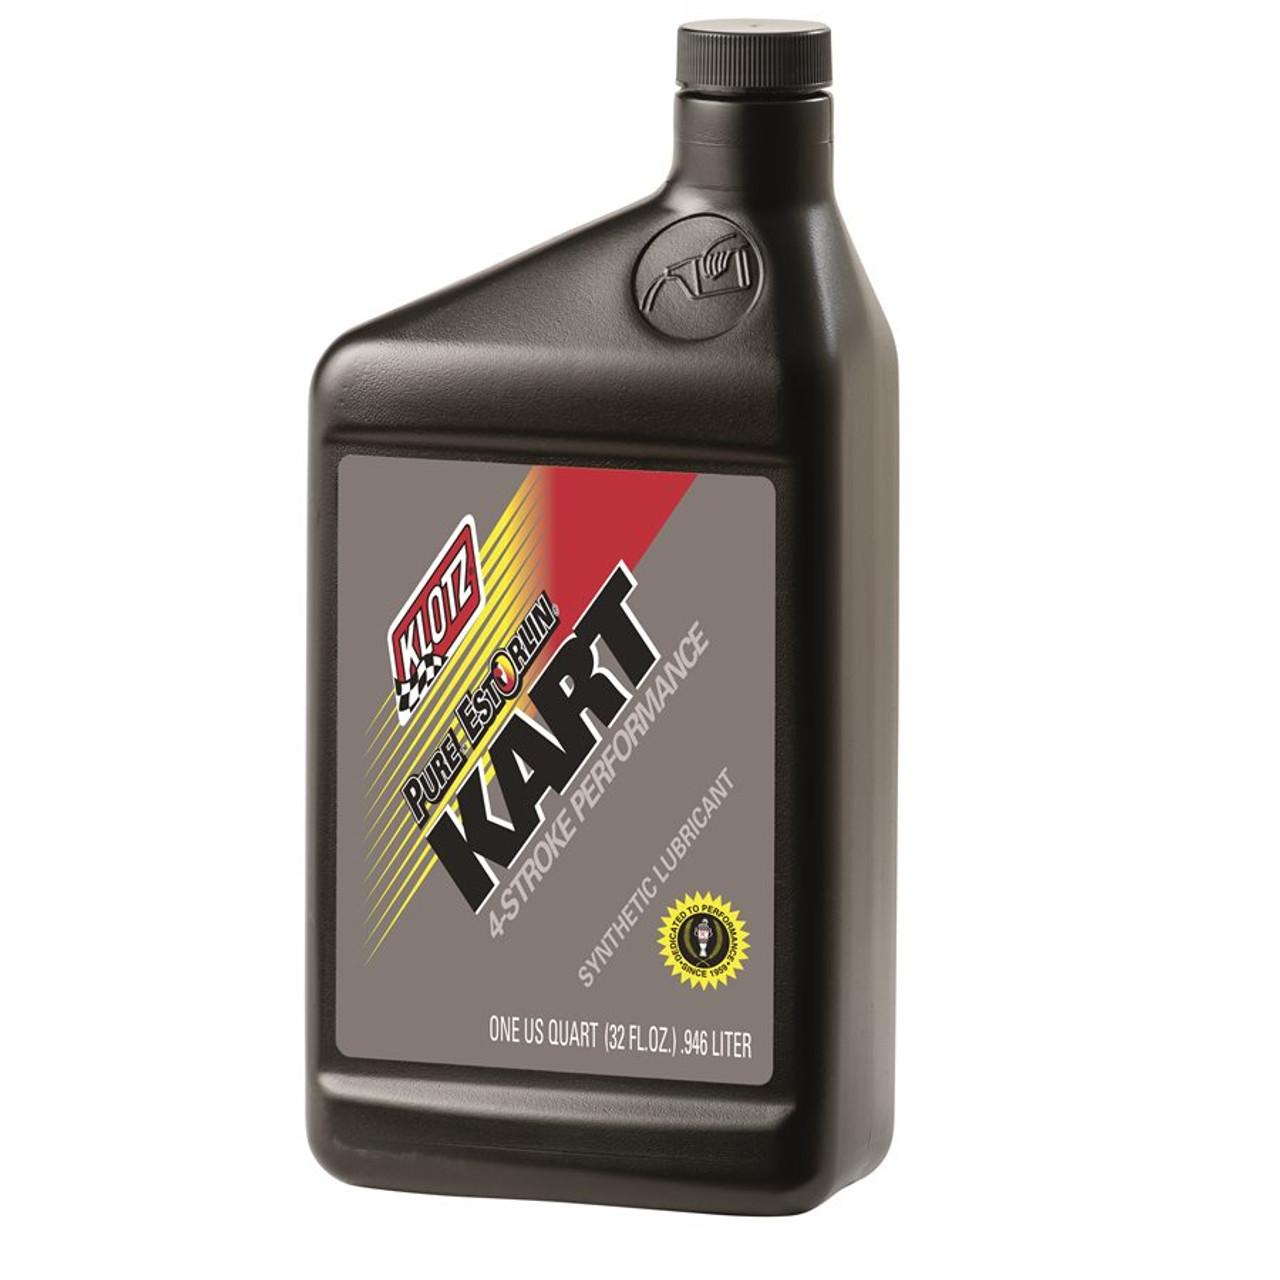 Klotz 0W/30 4-Cycle Kart Oil